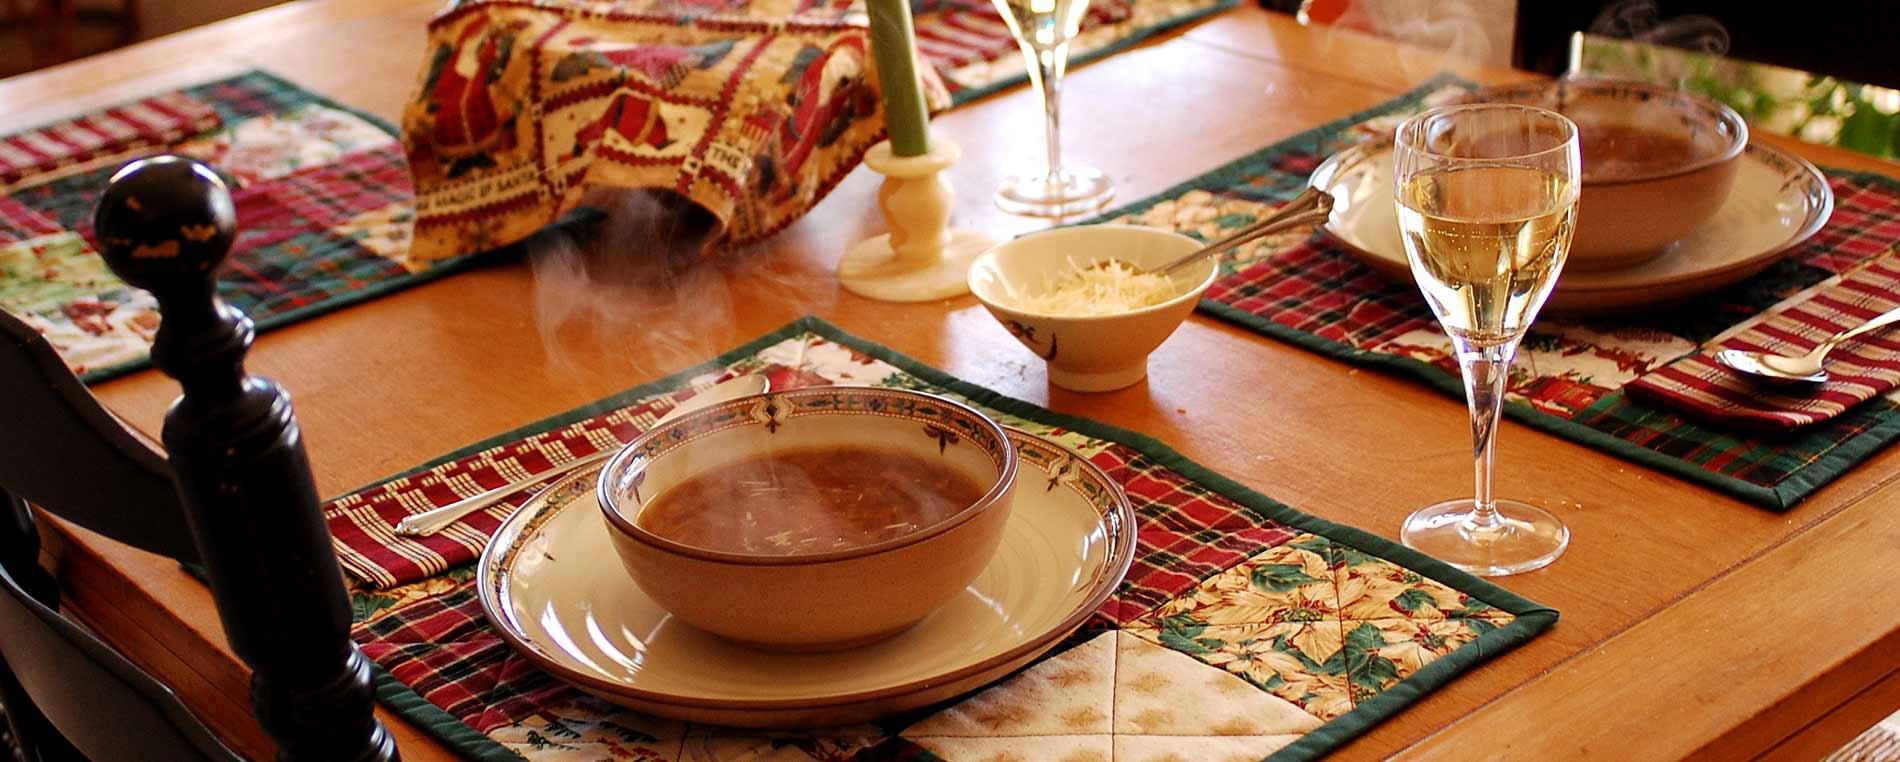 La soupe à L'Oignon de Roscoff